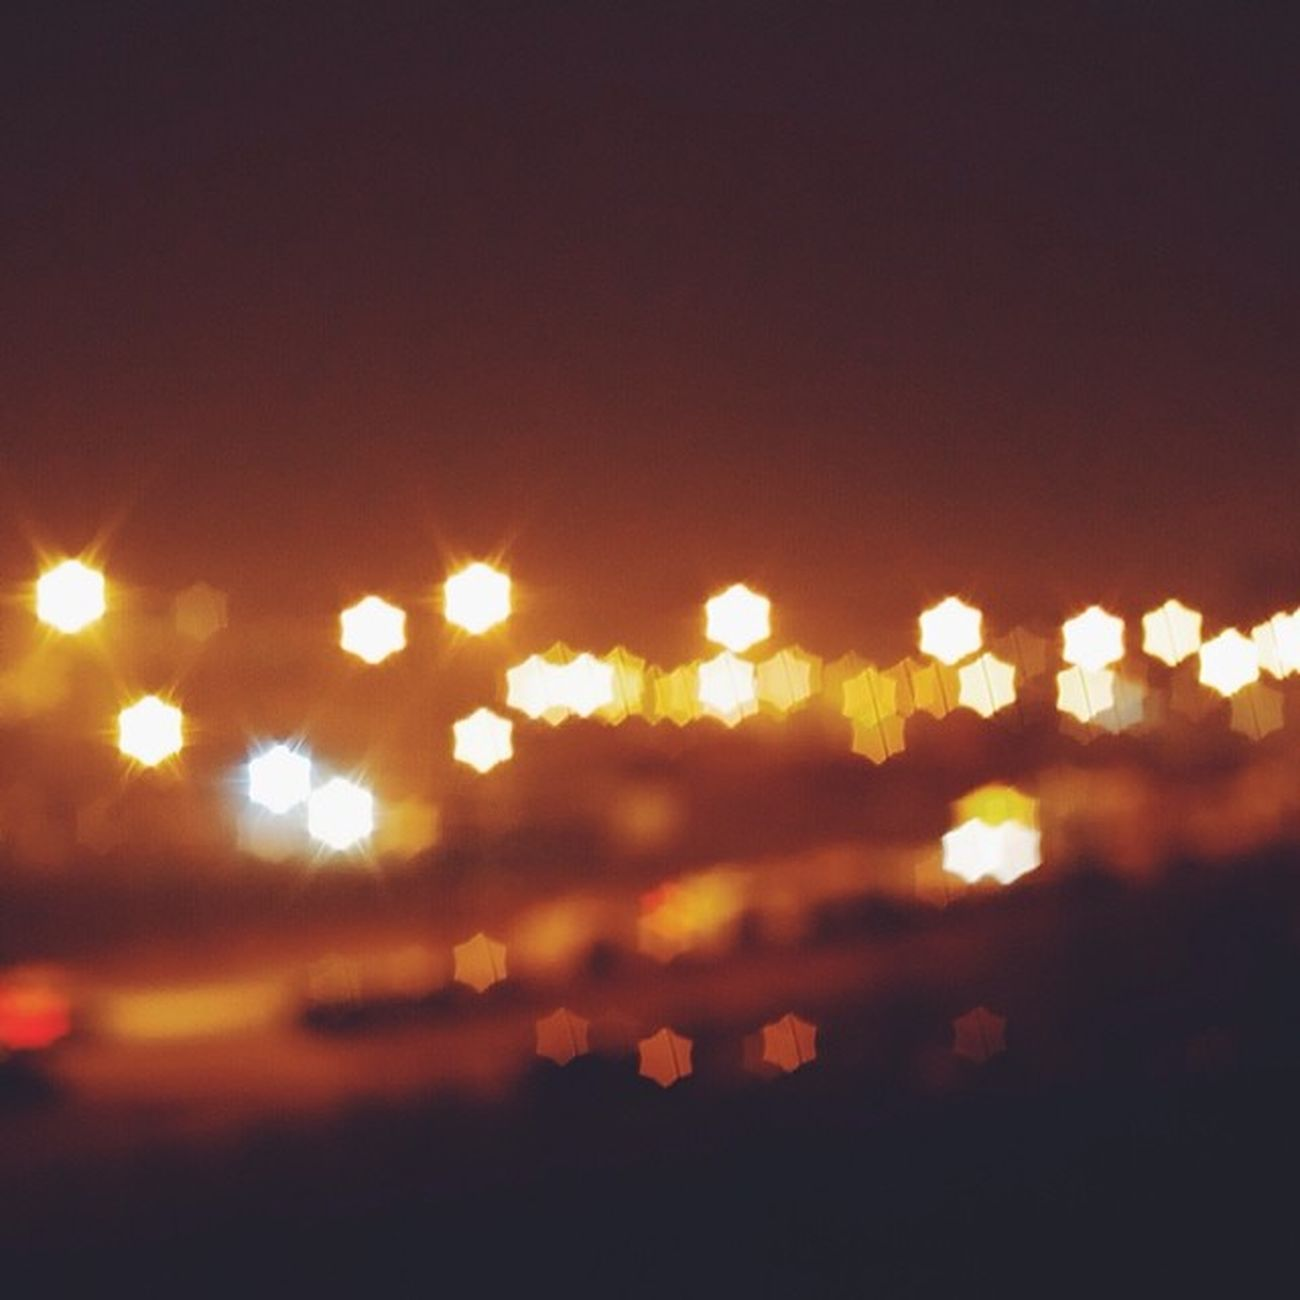 в огнях города прячем свое одиночество VSCO Citylights Cityminsk